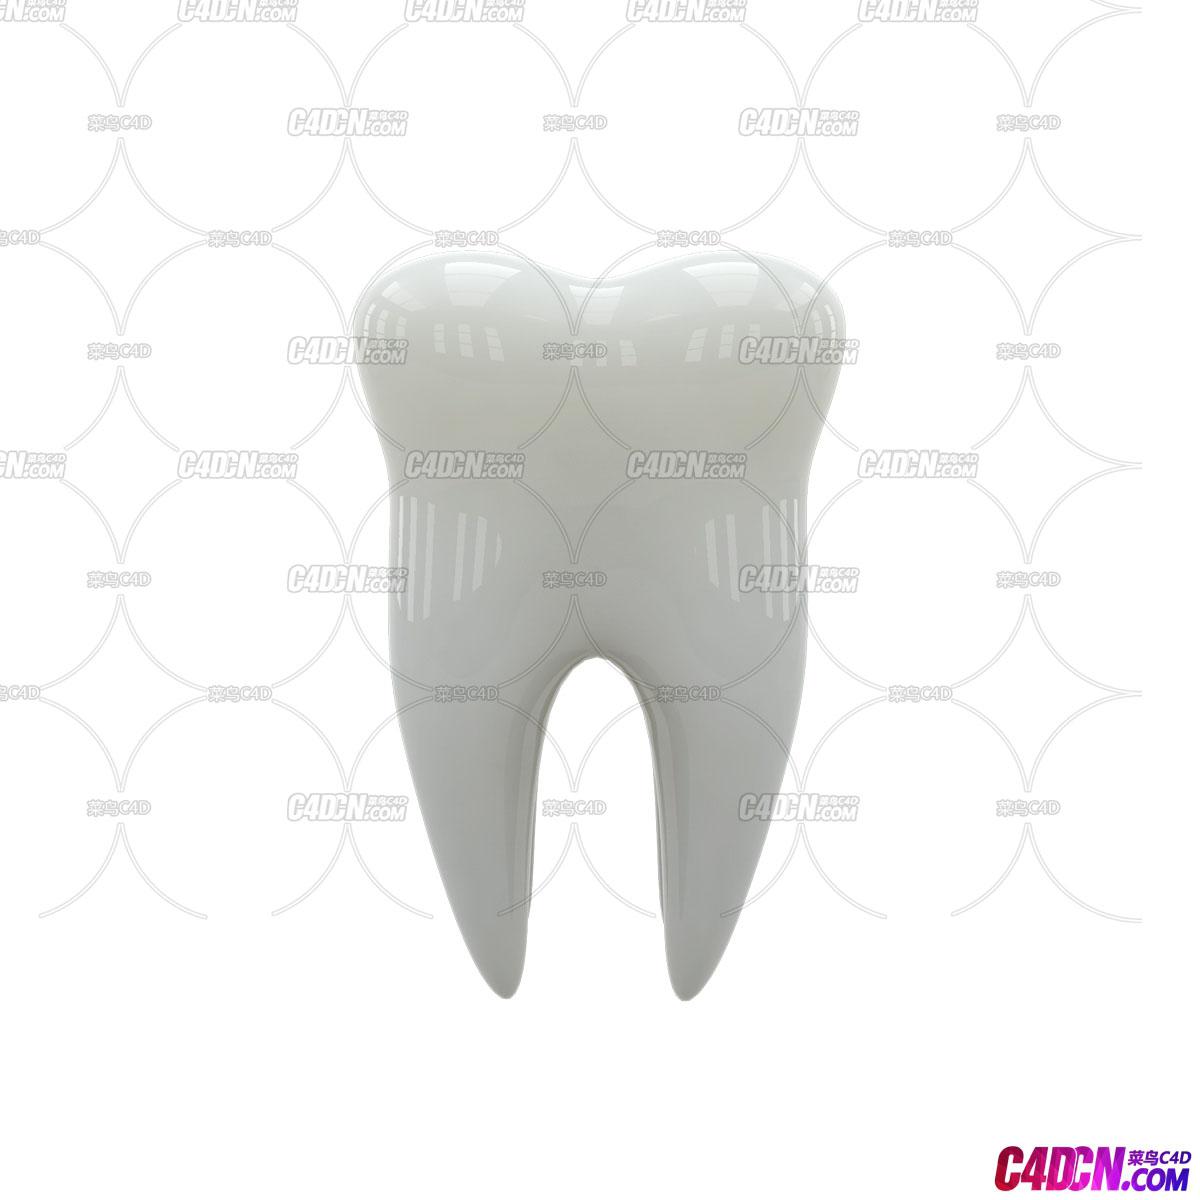 牙齿模型分享